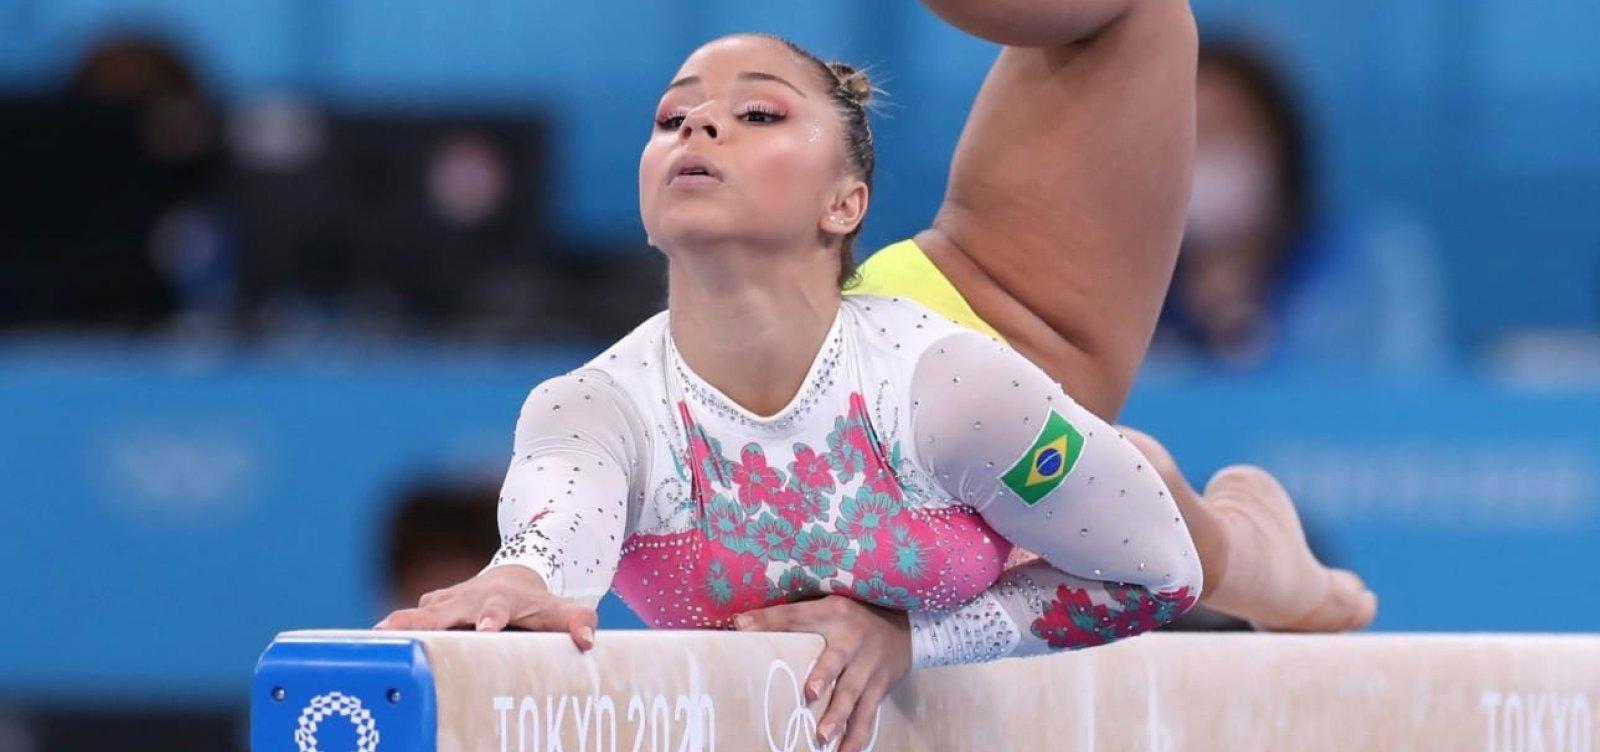 Na final da trave de equilíbrio, Flávia Saraiva fica em sétimo lugar após queda